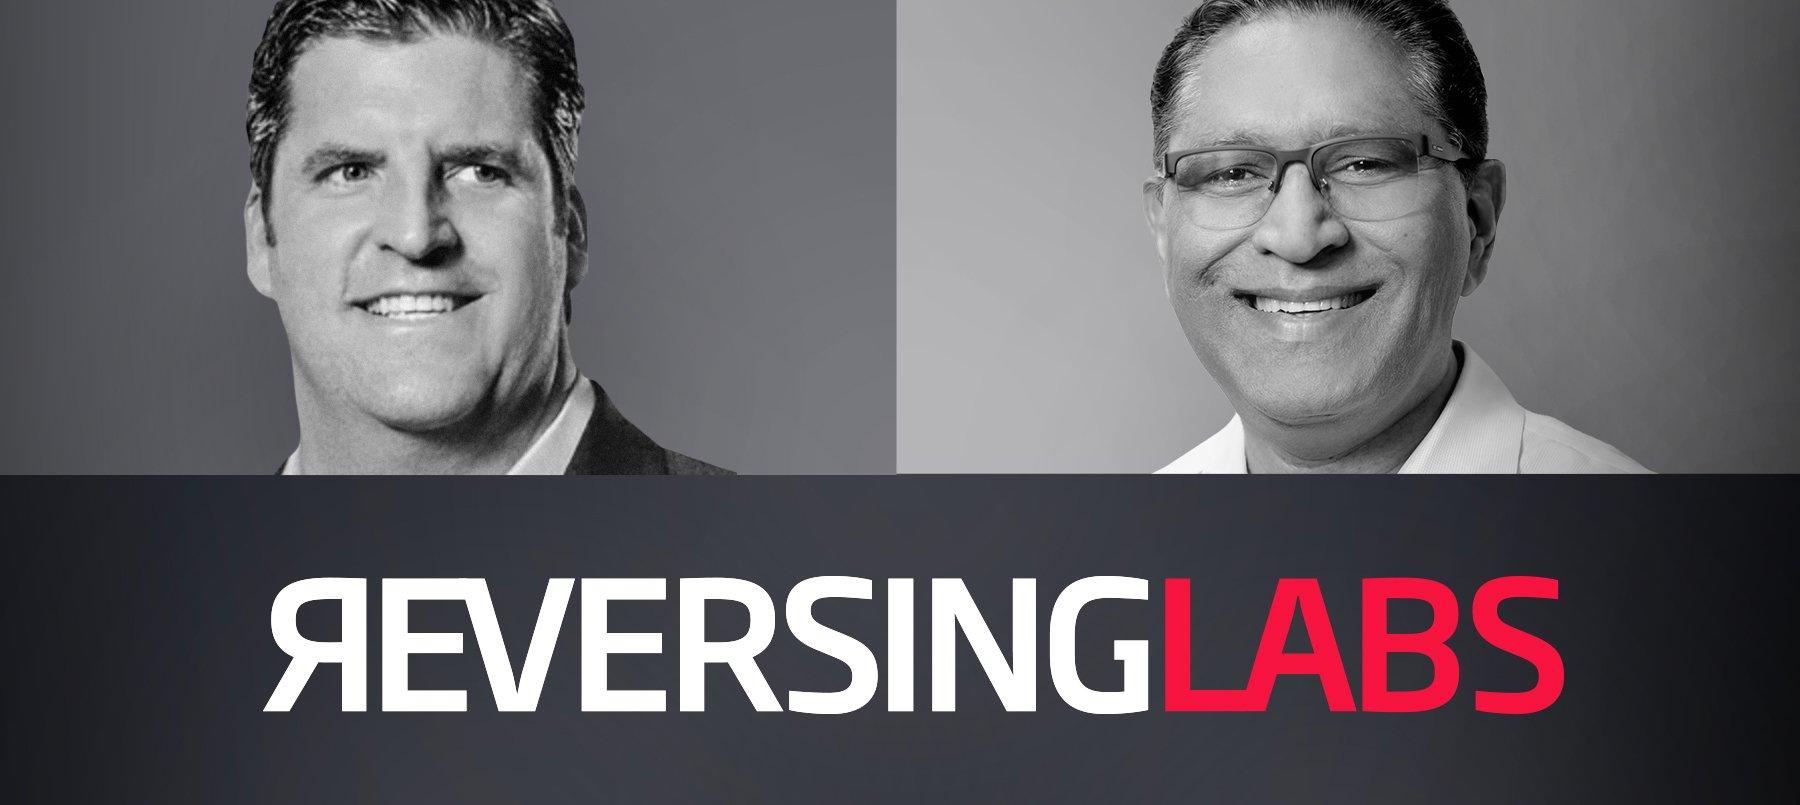 Reversing Labs - Tyson Whitten & Angiras Koorapaty